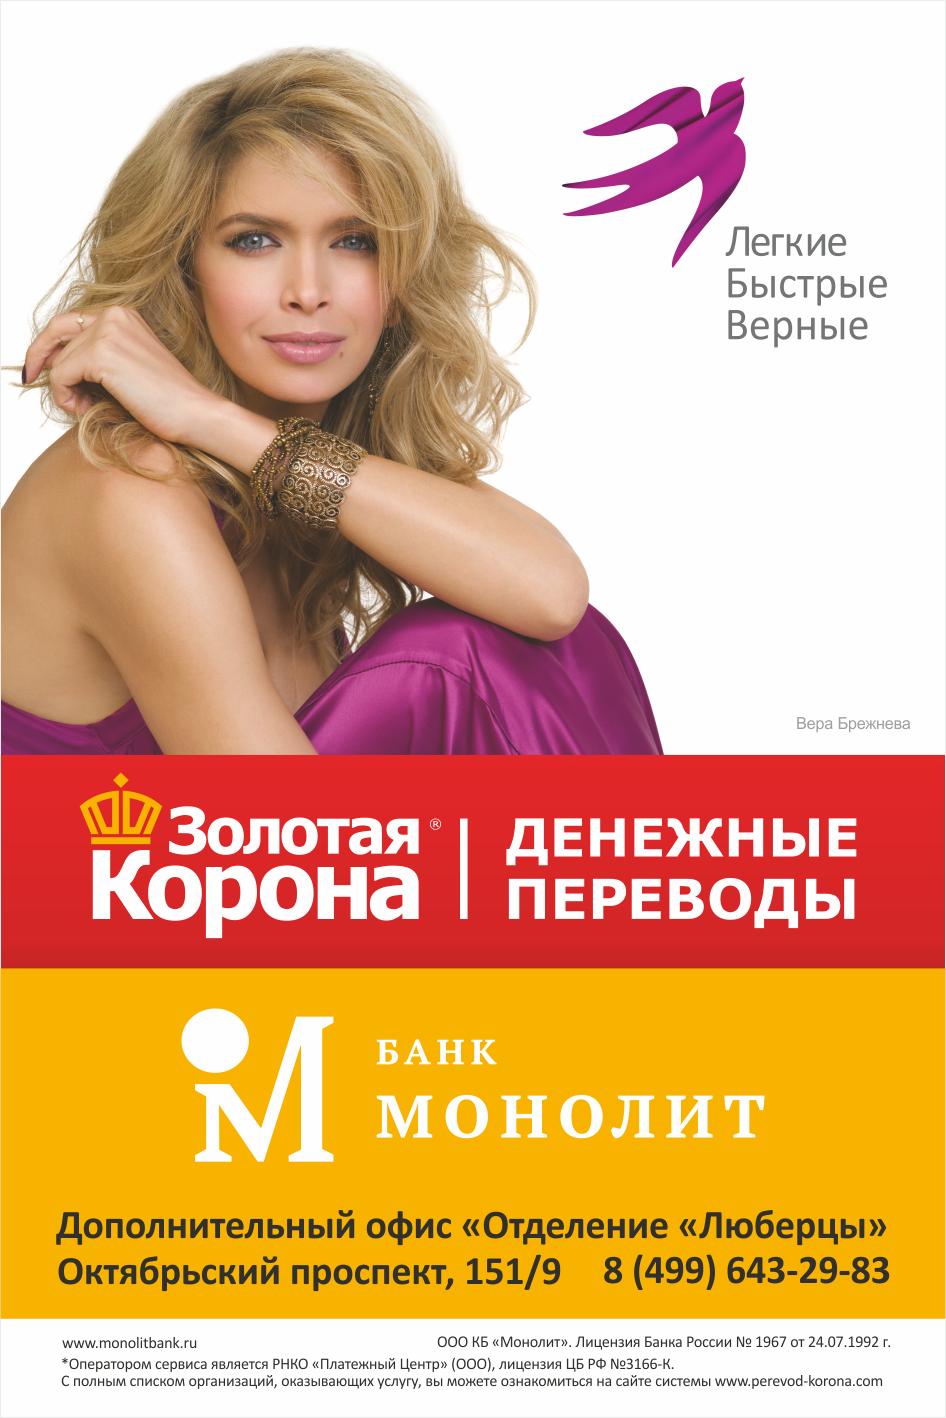 Денежные переводы Золотая Корона в Санкт-Петербурга